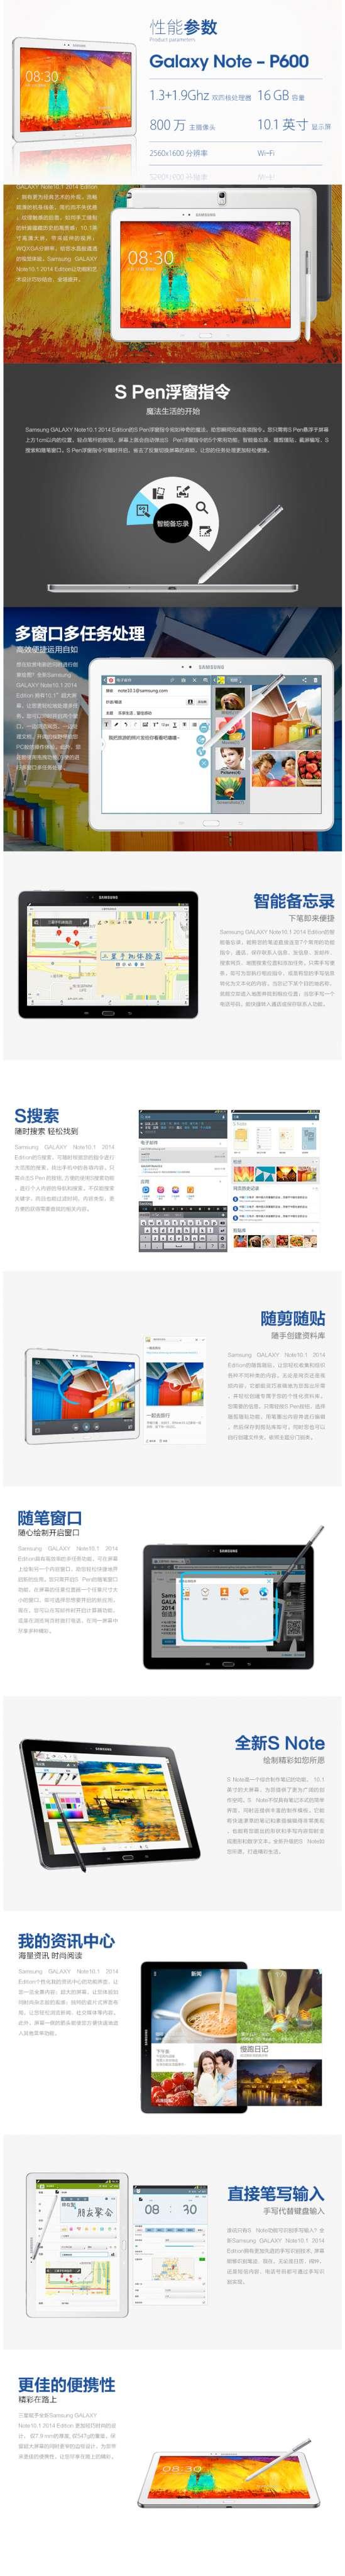 三星P600平板电脑租赁10.1英寸屏幕/安卓系统/16G内存